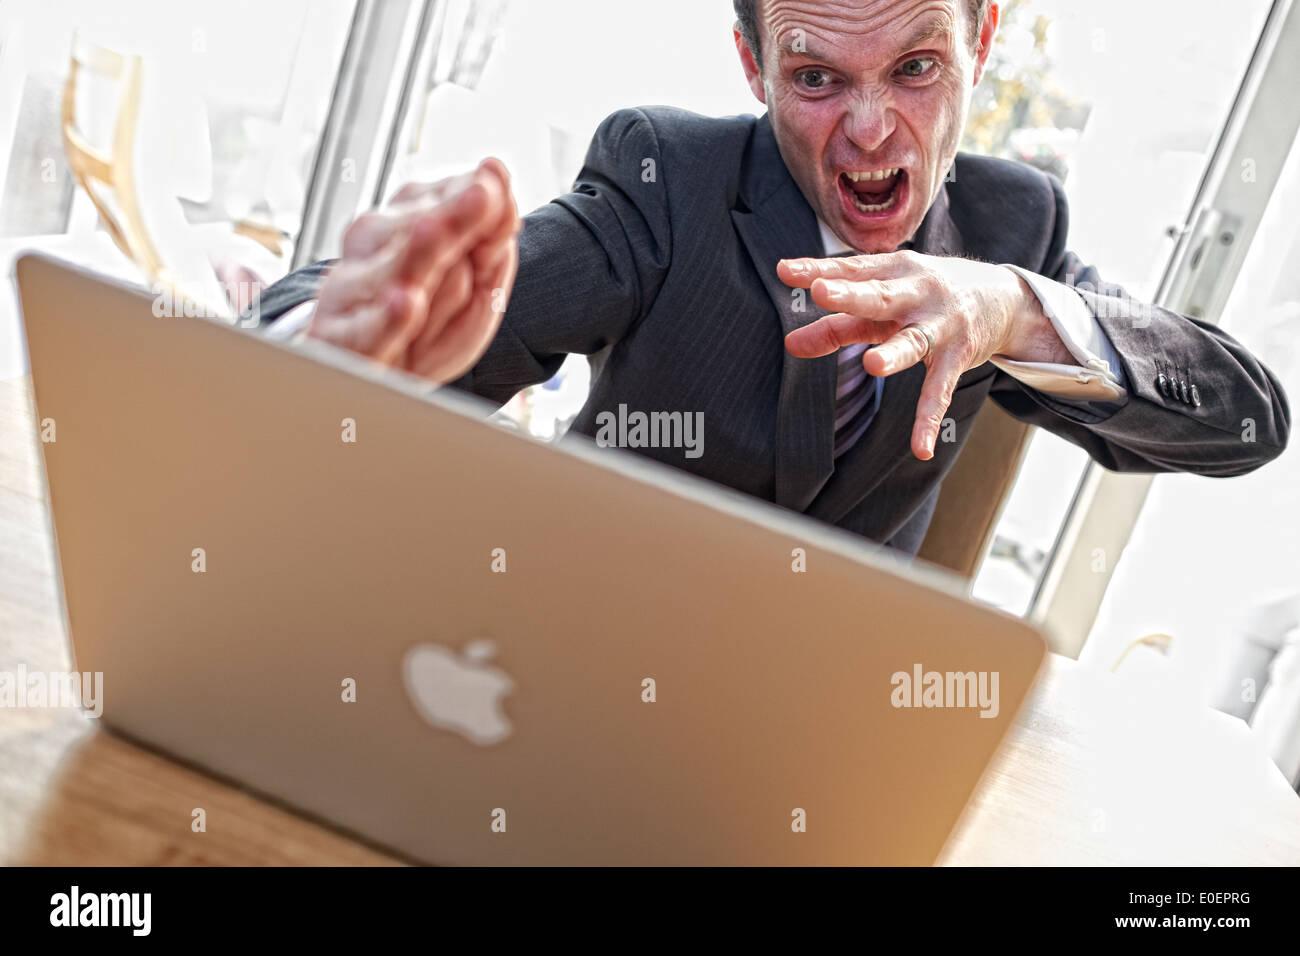 Un empresario furiosos golpes de kárate su portátil en la frustración. Imagen De Stock